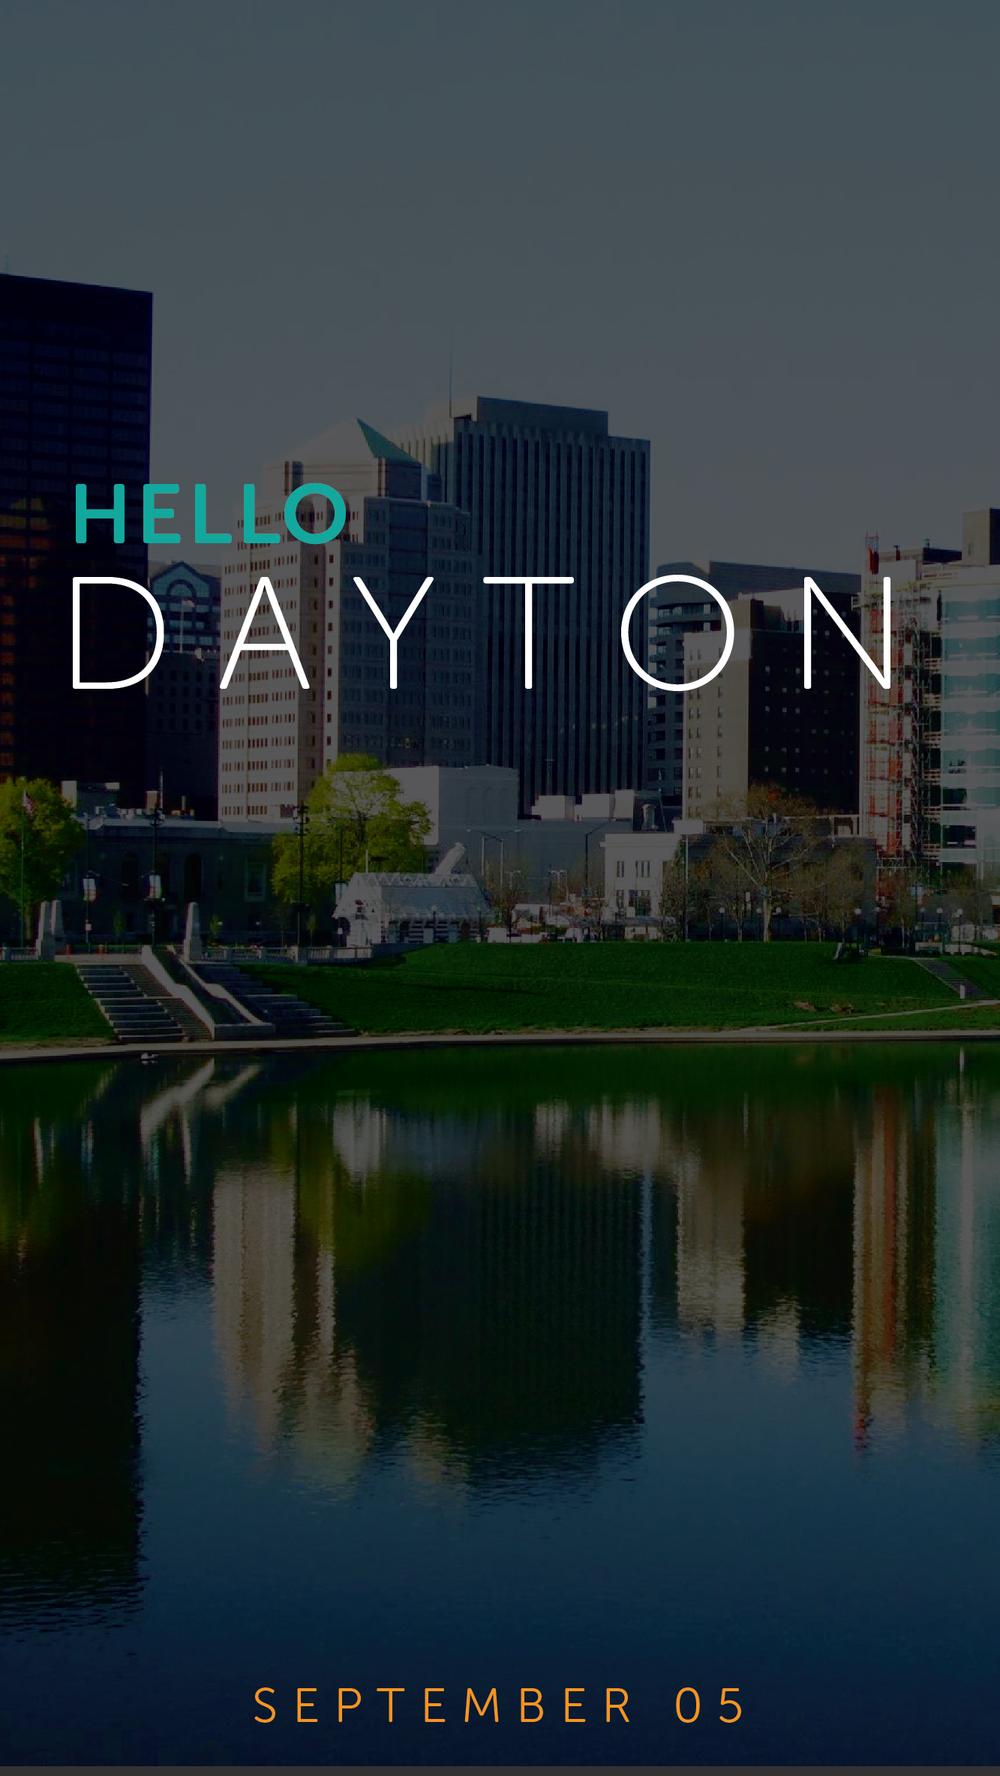 Dayton_Mobile_App-01.jpg